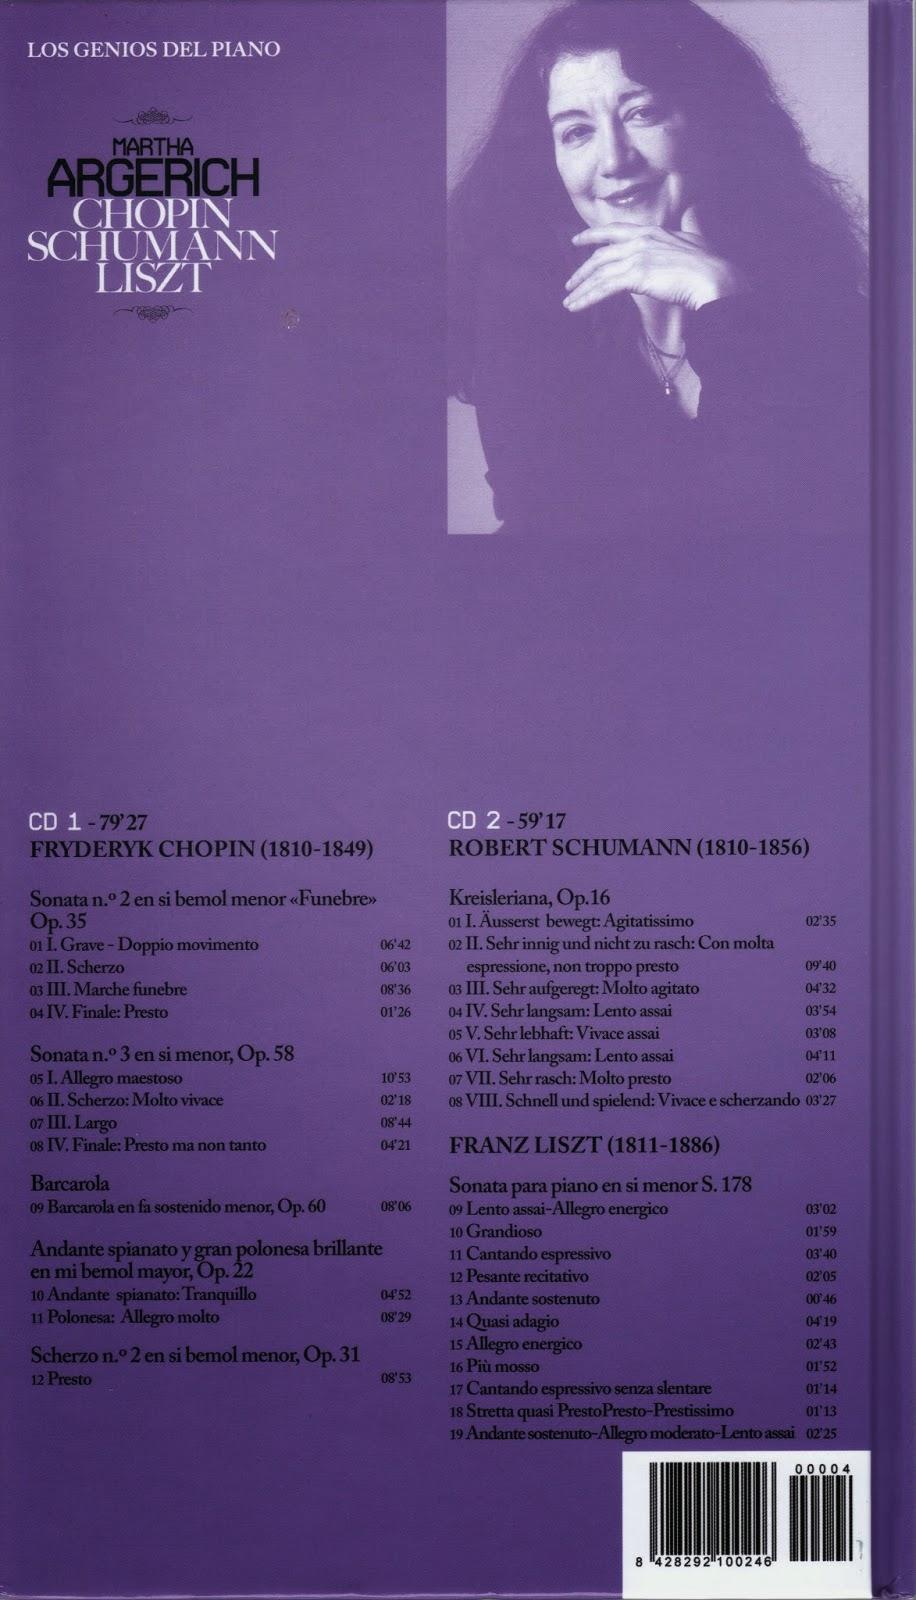 Imagen de Colección Los Genios del Piano-04-Marta Argerich & Chopin, Schumann y Liszt-trasera